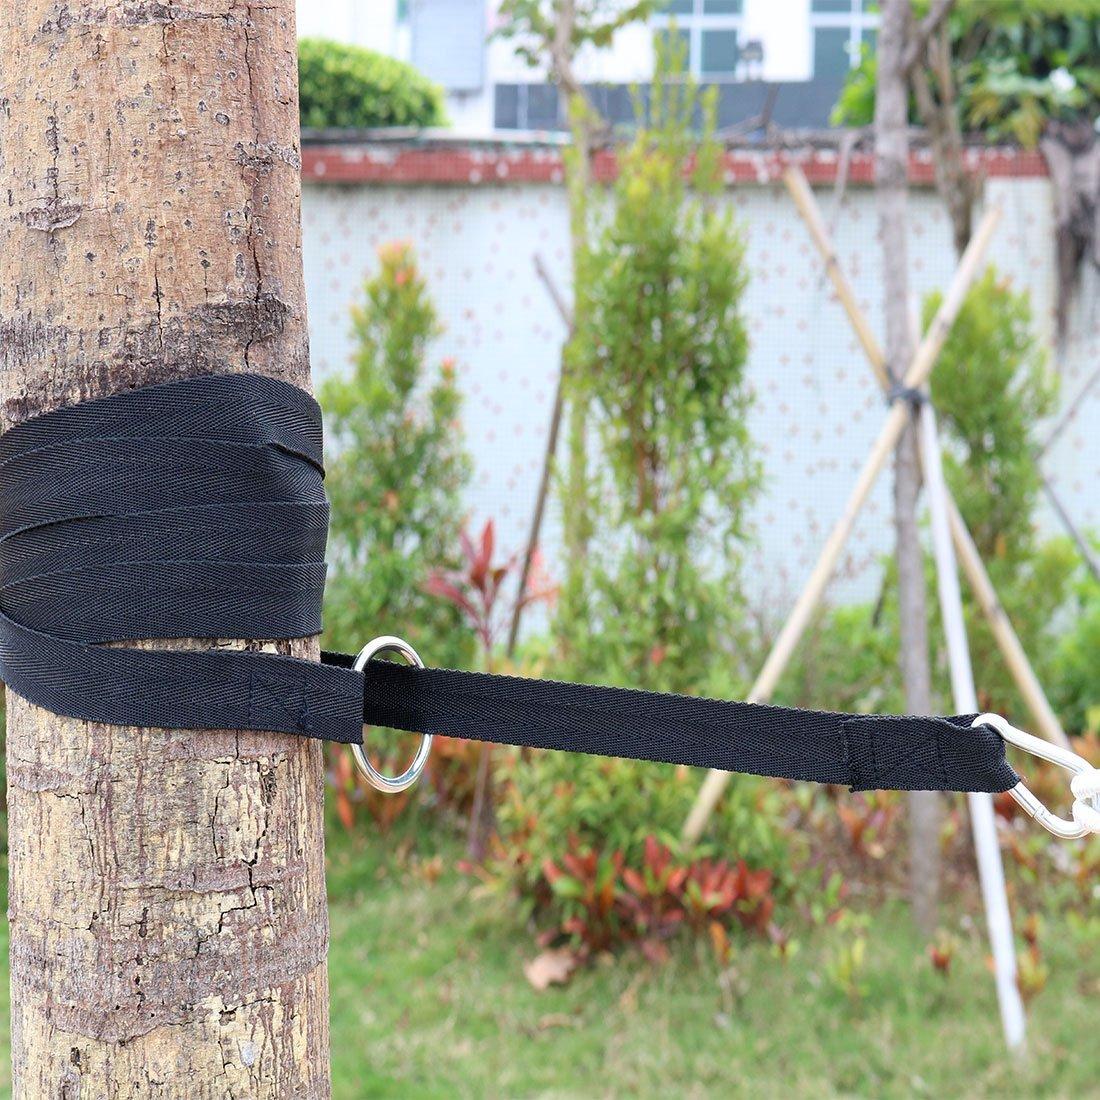 Amazon.com: eDealMax Hamaca, Conjunto DE 2 piezas, árbol del ahorcado correas Con gancho S, mosquetones, al aire Libre 250 cm x 2,5 cm, 2 PC Negro, ...